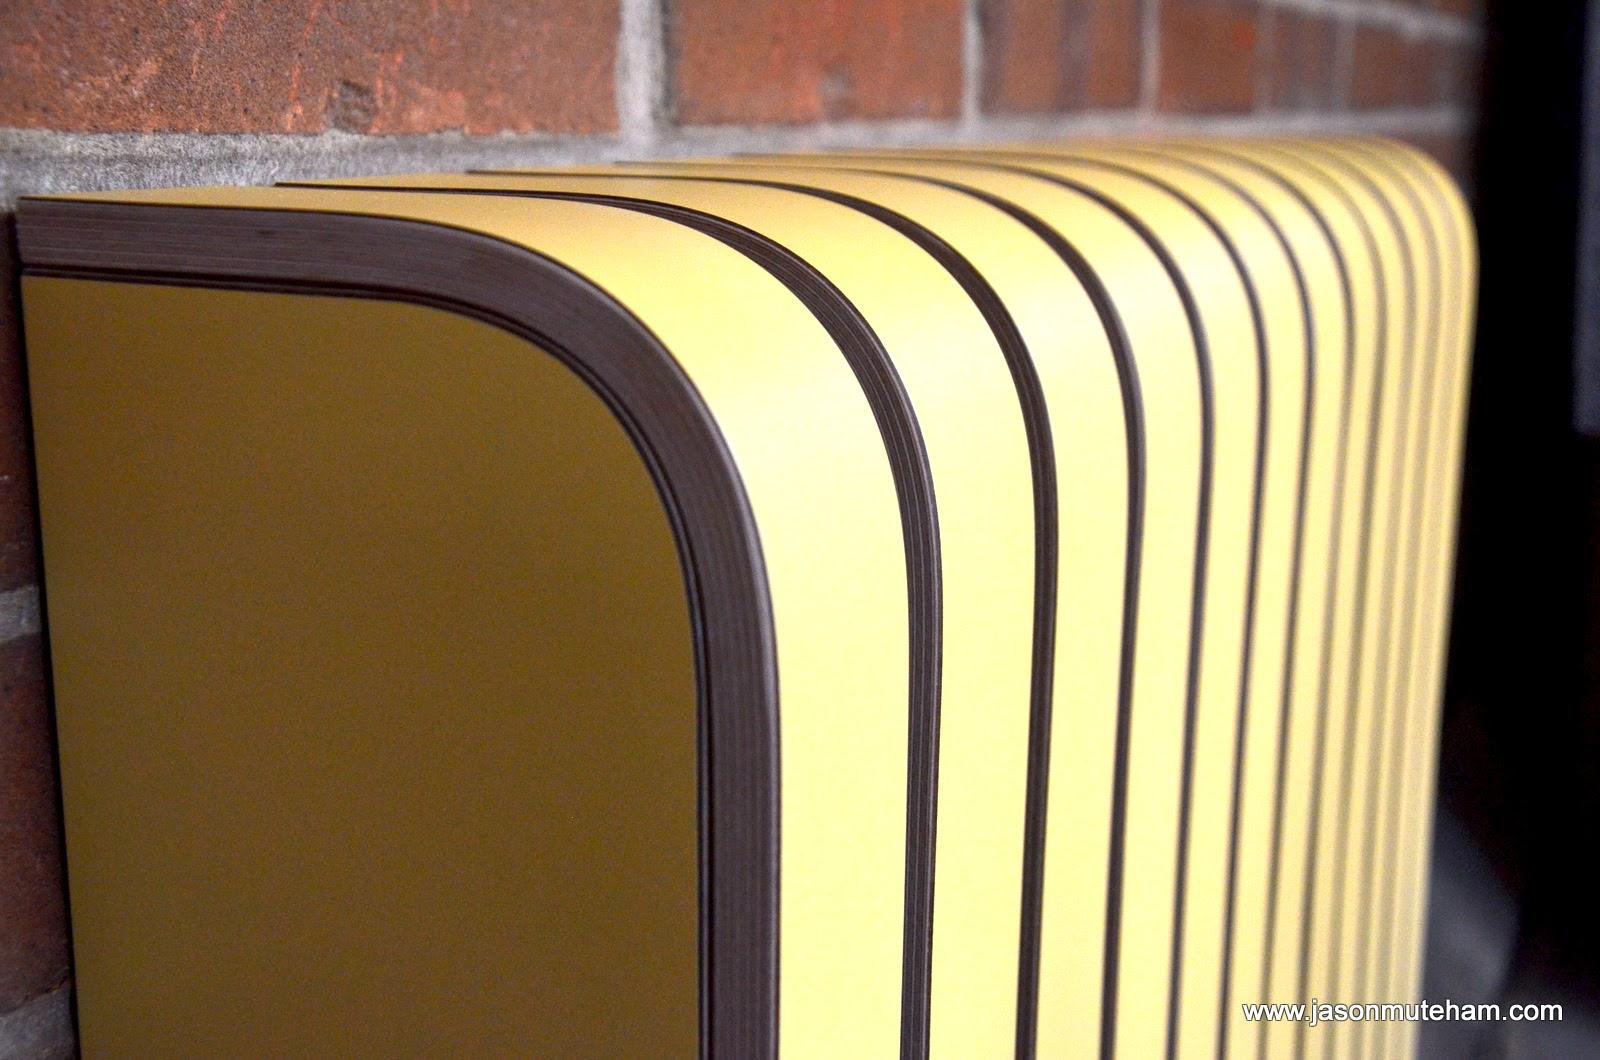 Designer Laminated Radiator Cover Saffron